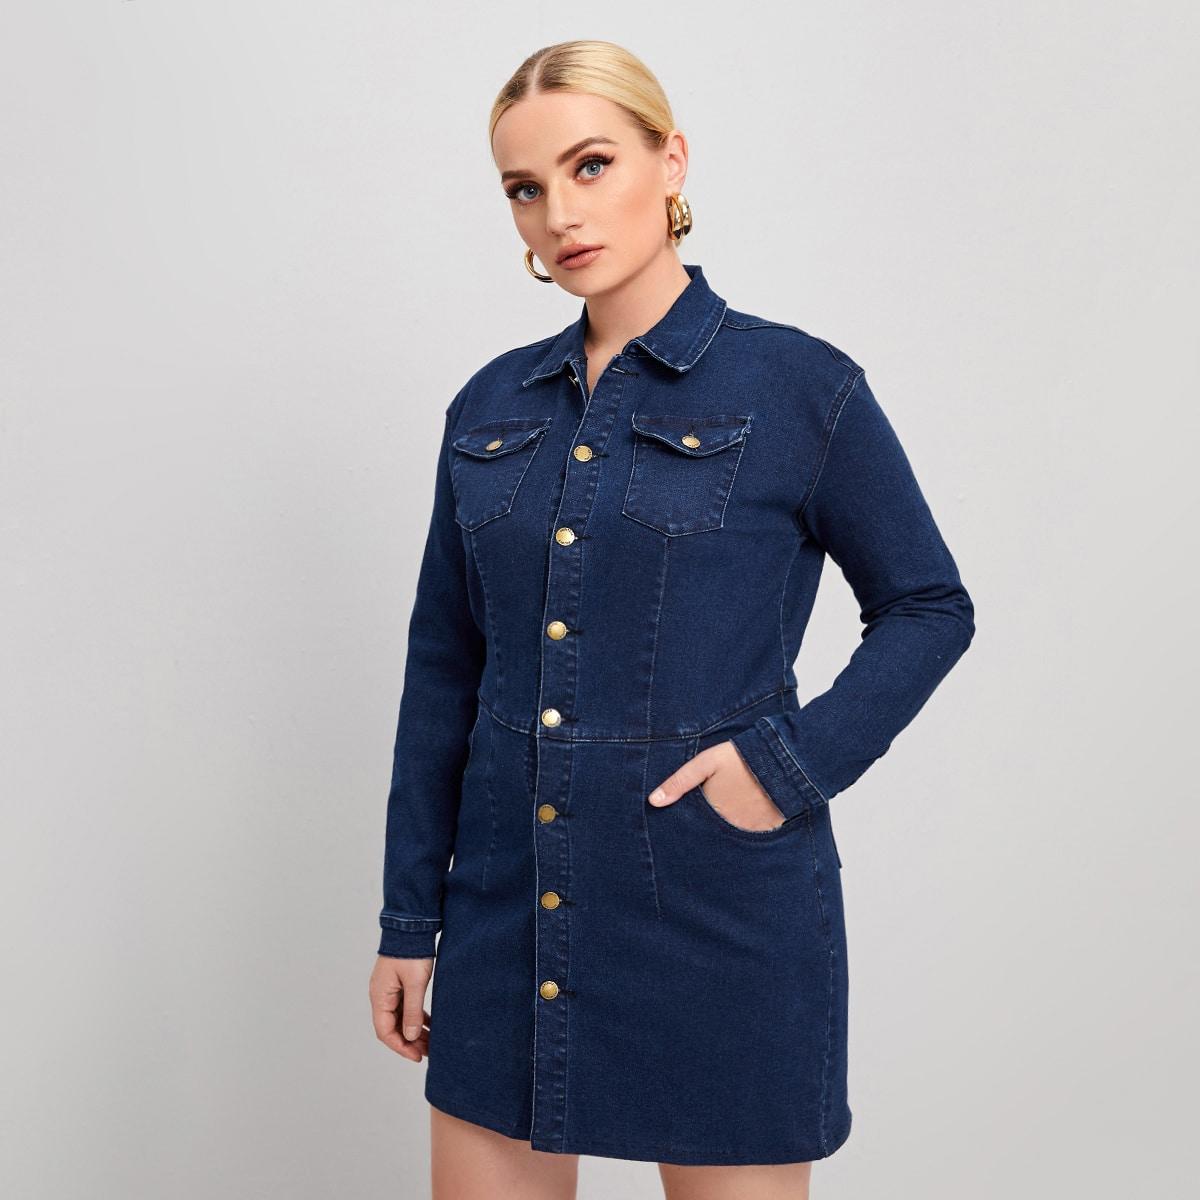 Однобортное джинсовое платье размера плюс с карманом